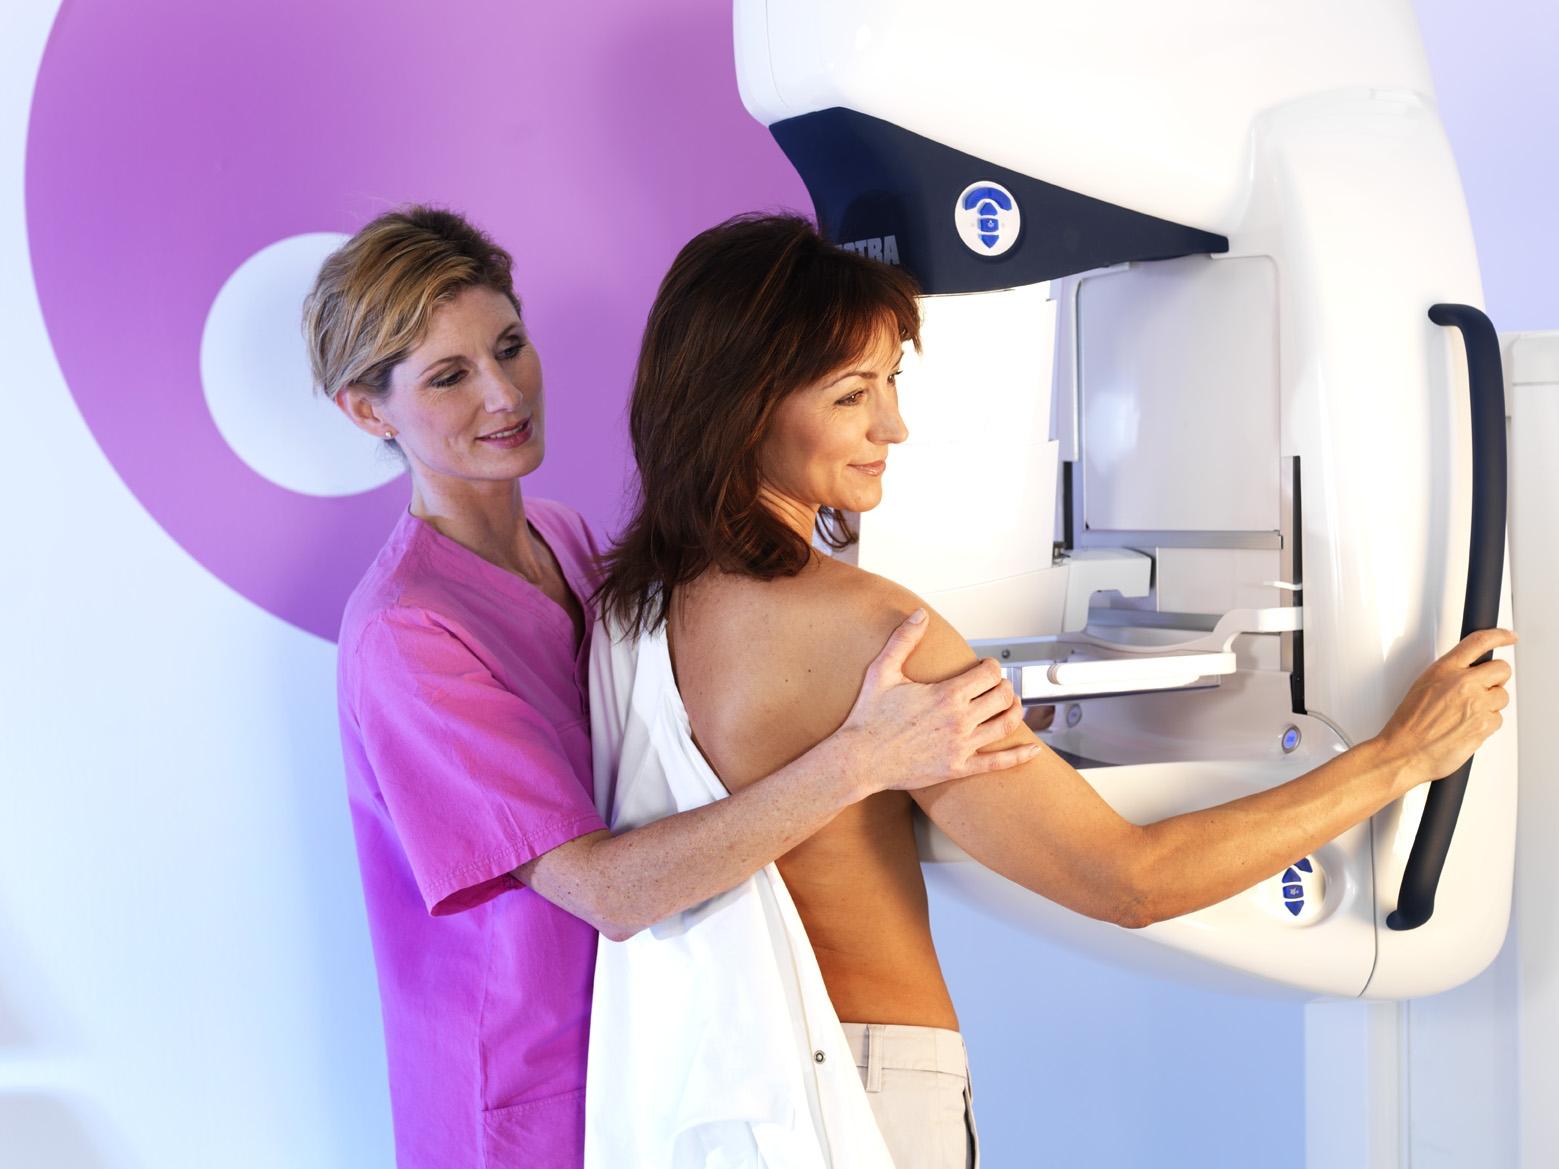 Плюсы и минусы рентген-маммографии и электроимпедансной маммографии